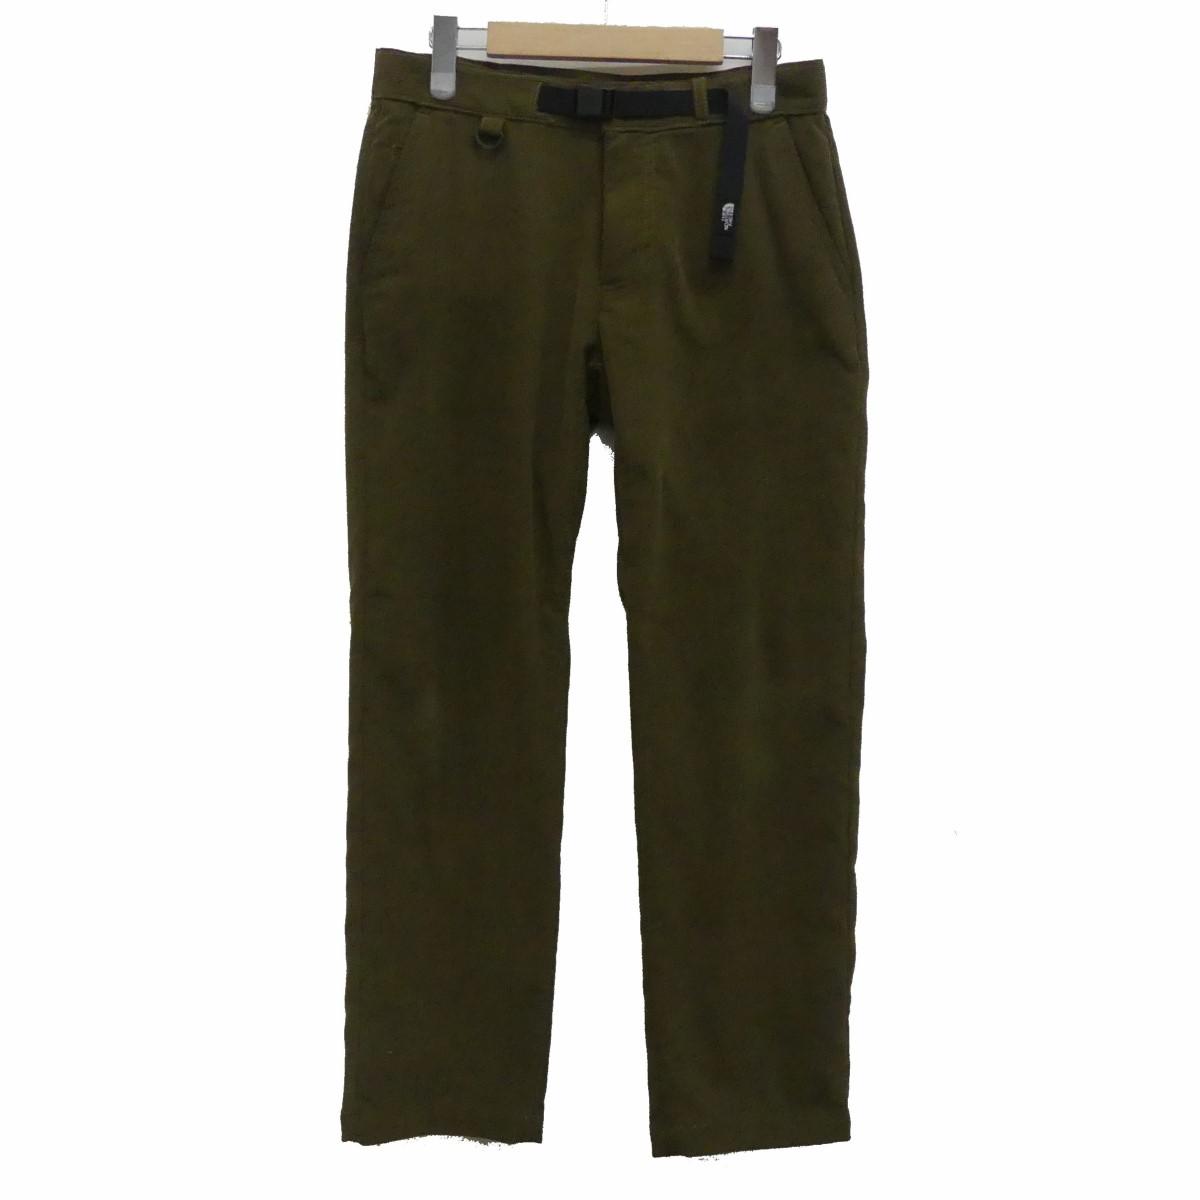 【中古】THE NORTH FACE Stretch Corduroy Pant コーデュロイパンツ オリーブ サイズ:S 【191219】(ザノースフェイス)